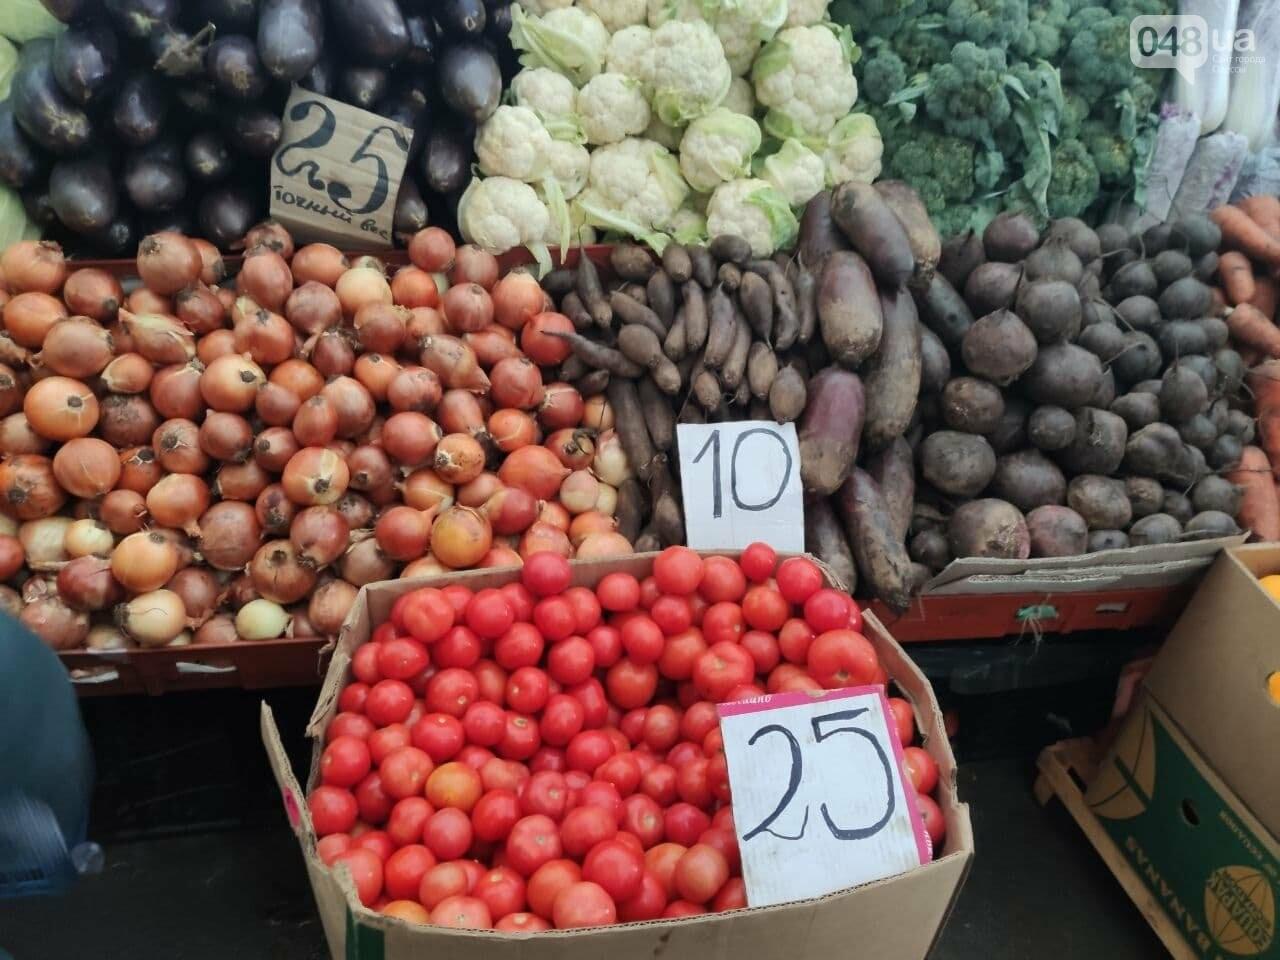 Помело, имбирь, шампиньоны: почем на одесском Привозе овощи и фрукты, - ФОТО, фото-2